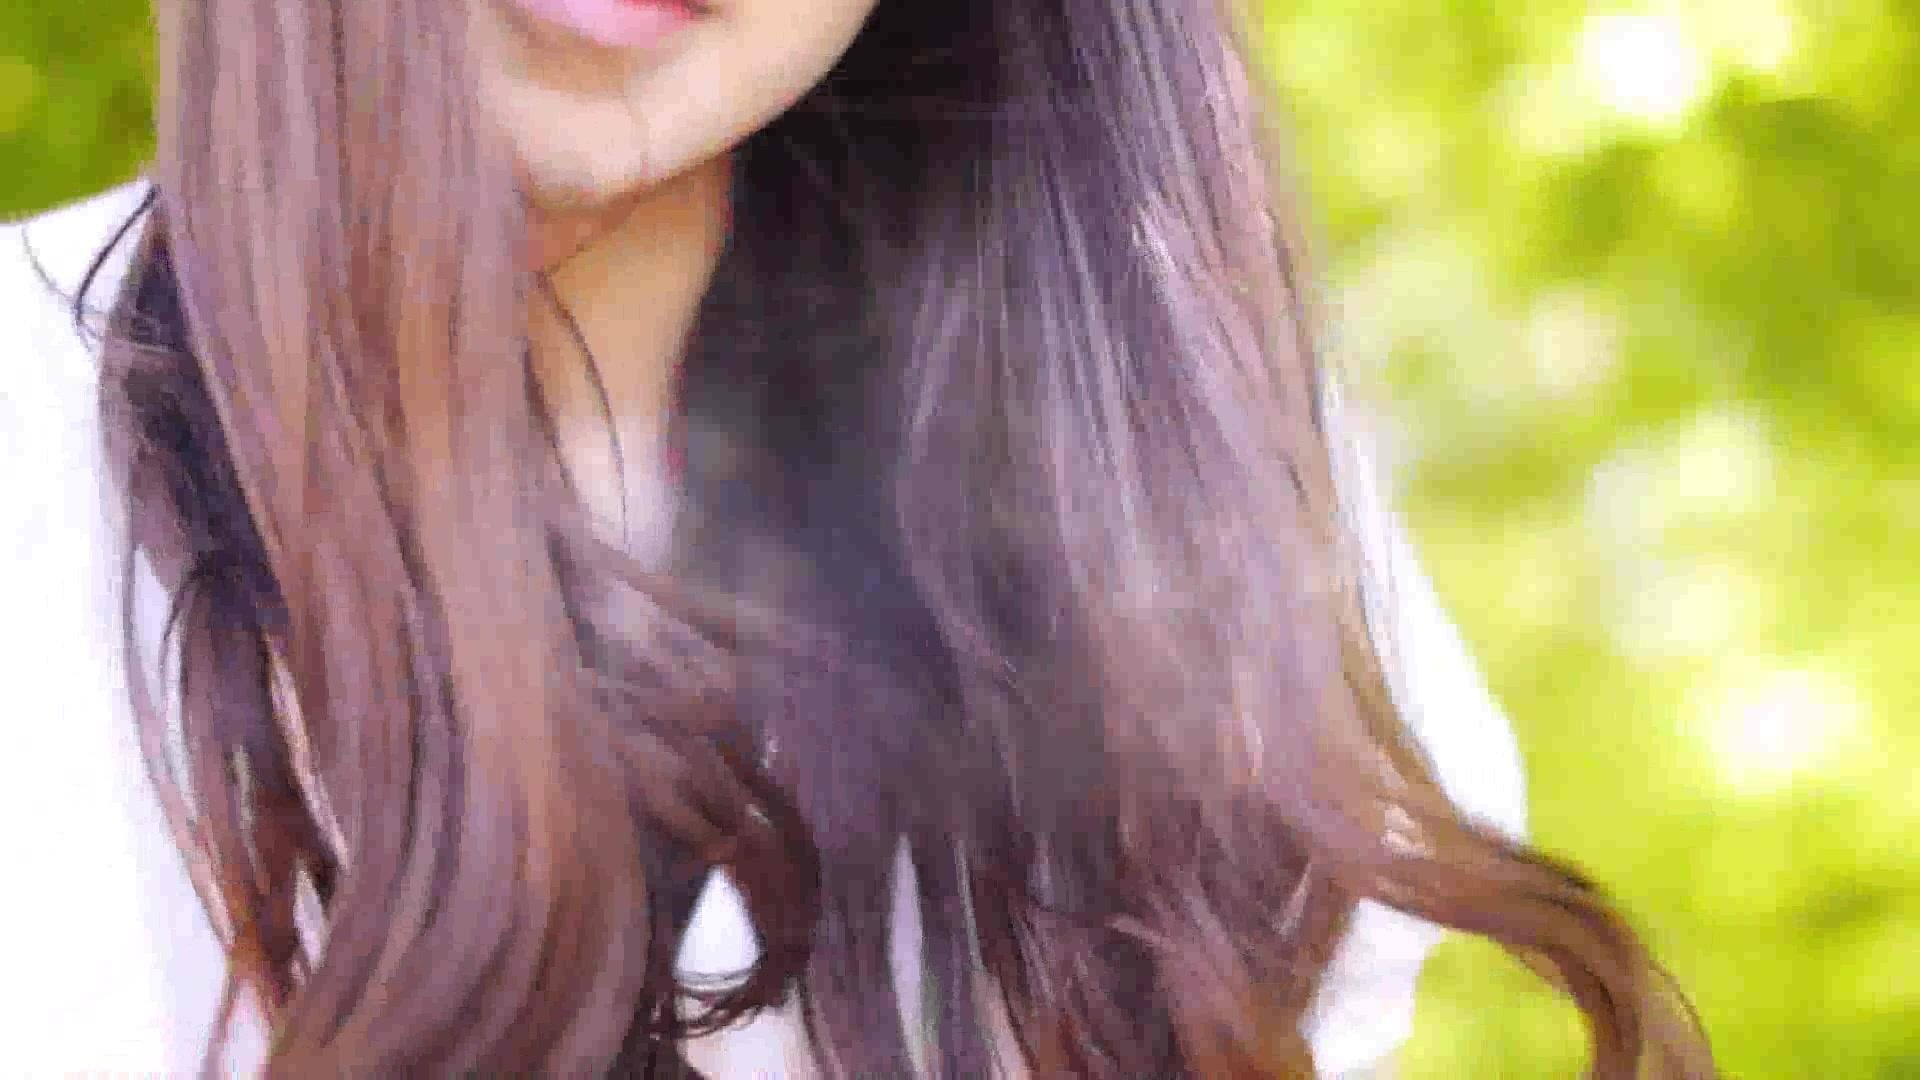 「エロエロイチャイチャしましょ」01/23(木) 01:10   らんの写メ・風俗動画